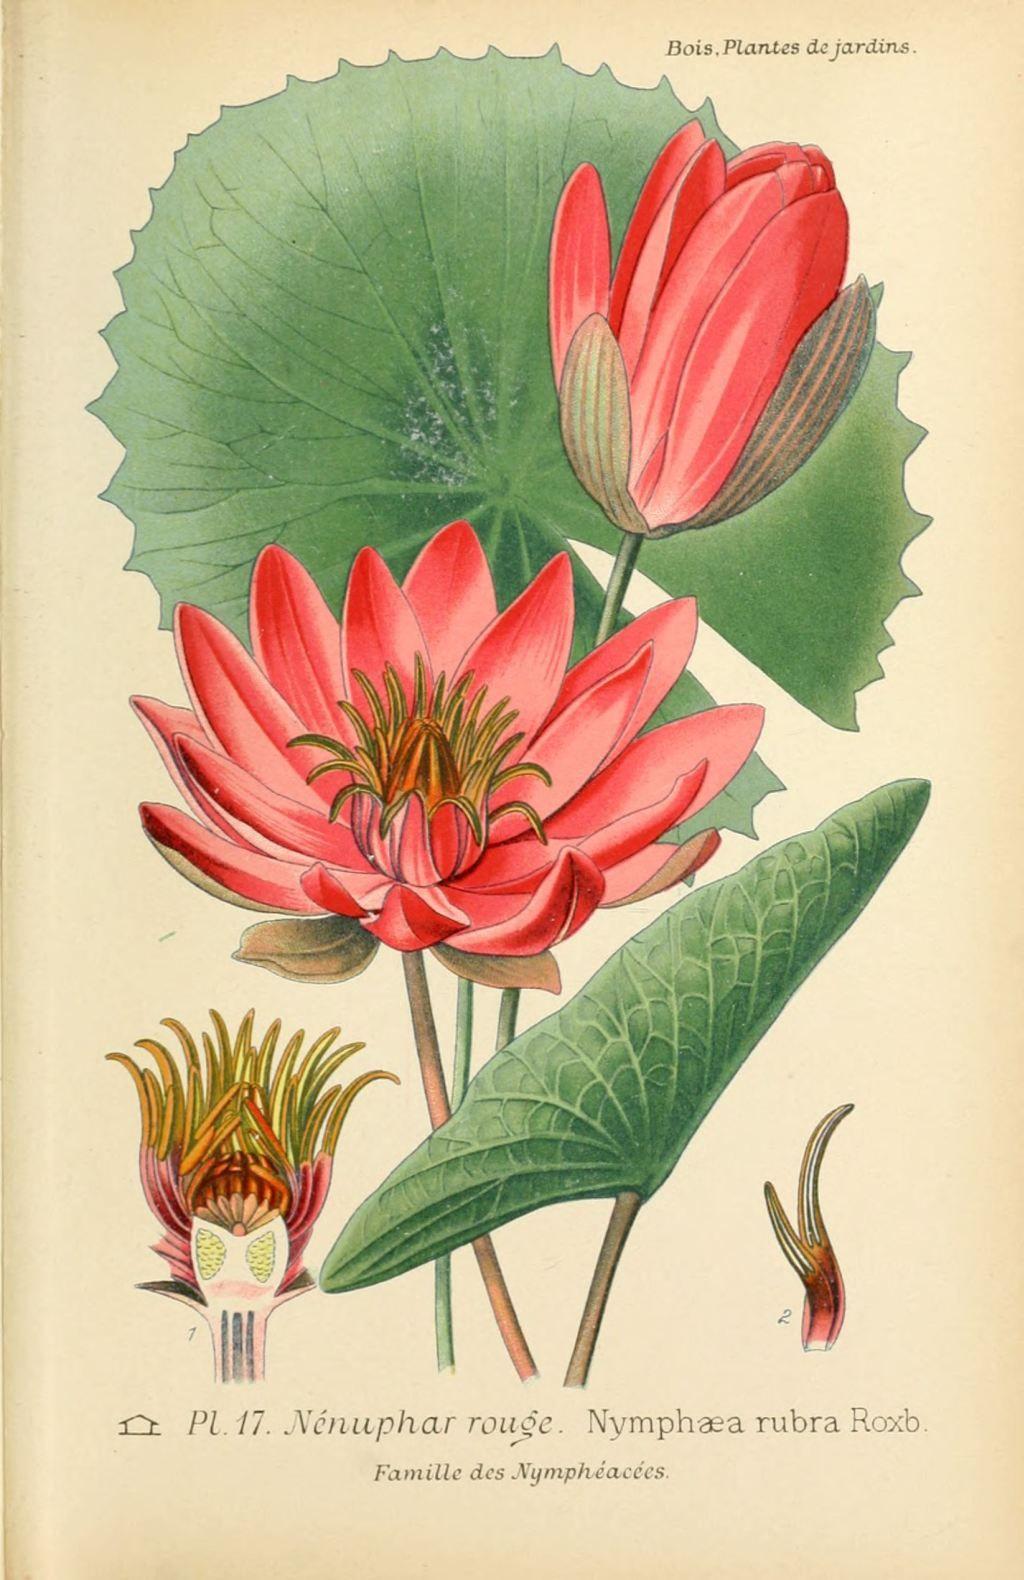 Nenuphar rouge nymphea rubra dessin gravure de fleur d 39 apr s atlas des plantes de jardins et - Nenuphar dessin ...